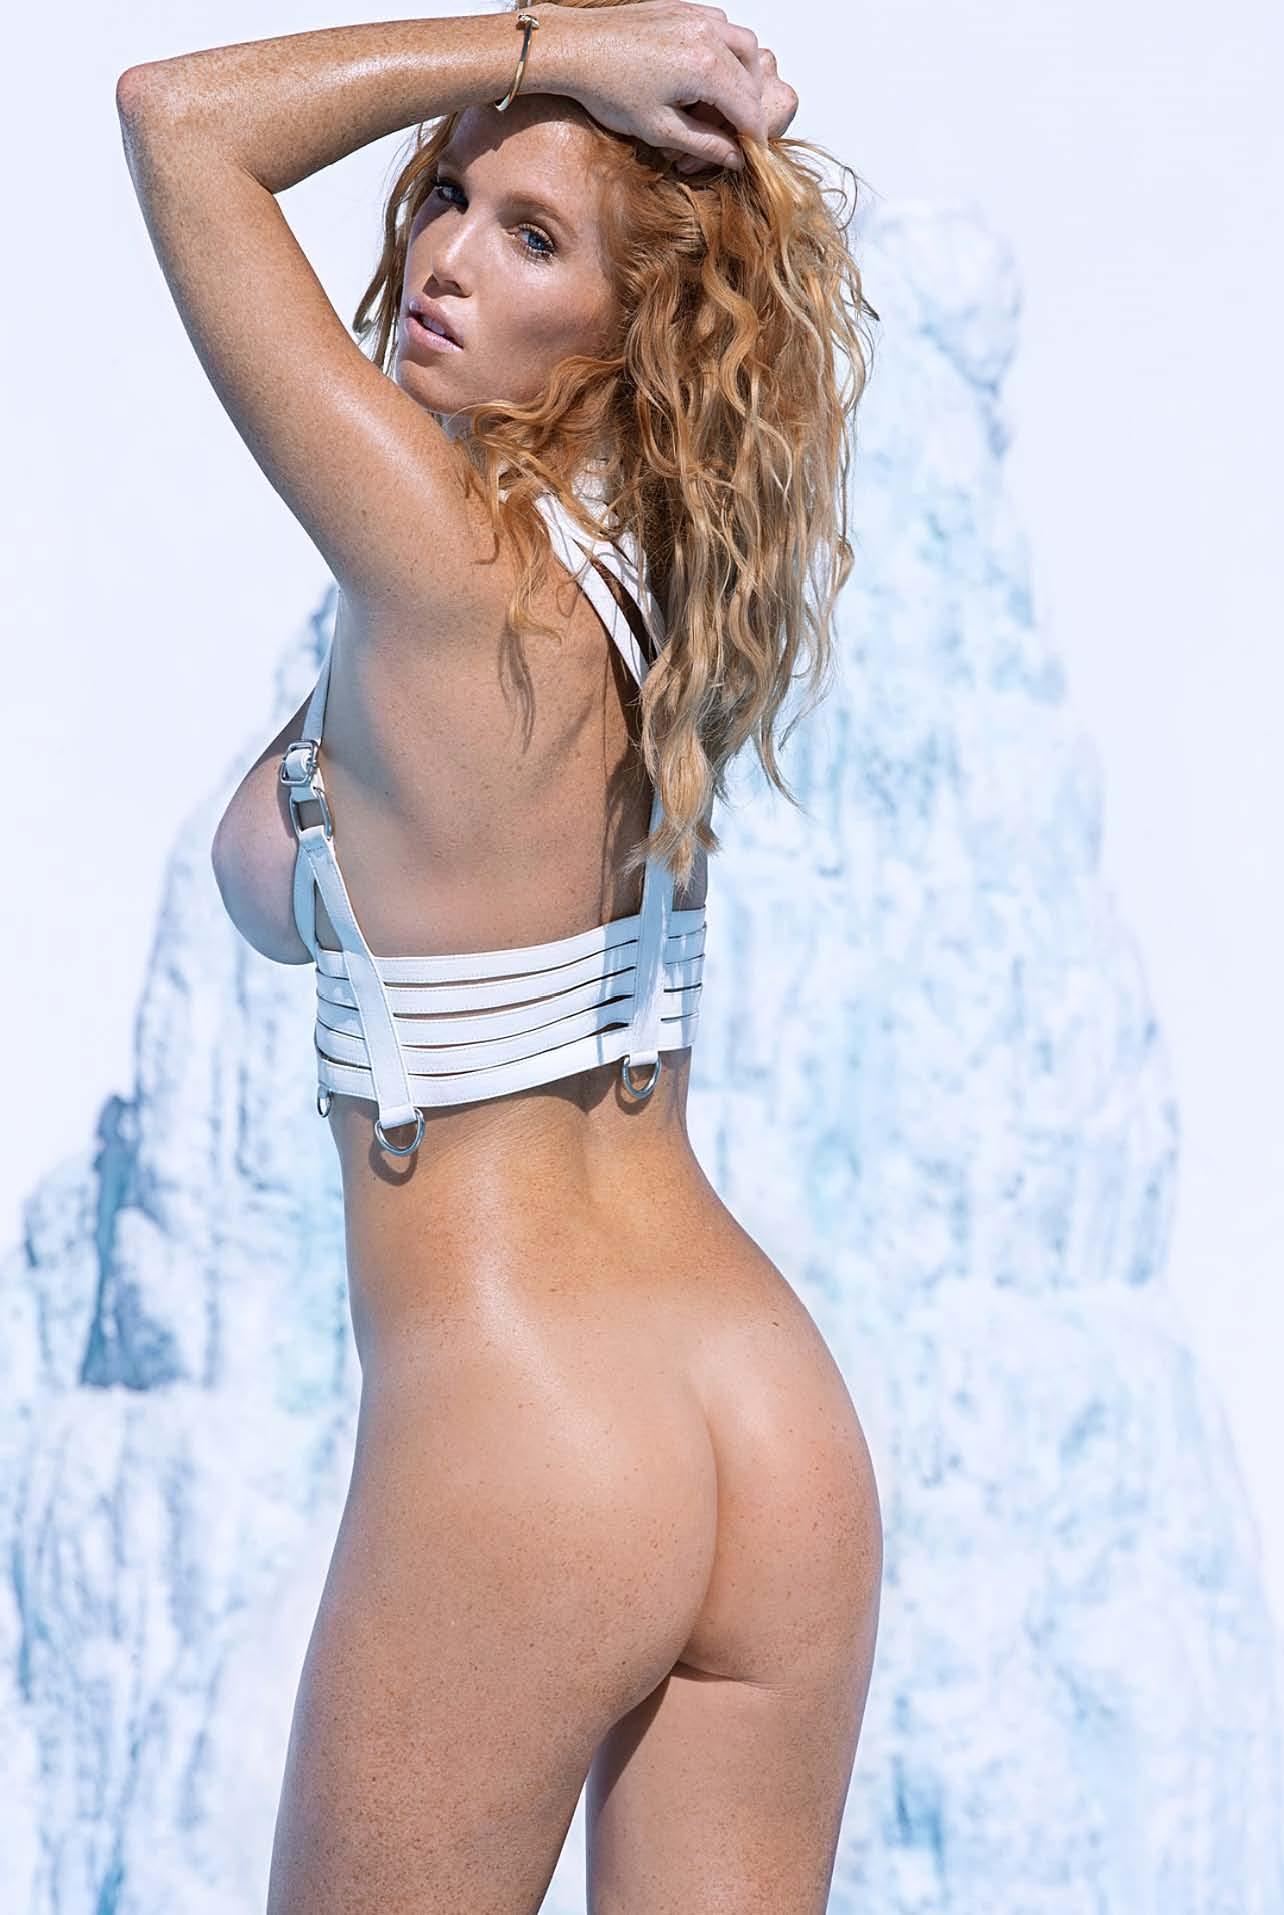 ruiva-linda-gostosa-demais-pelada-no-gelo-01